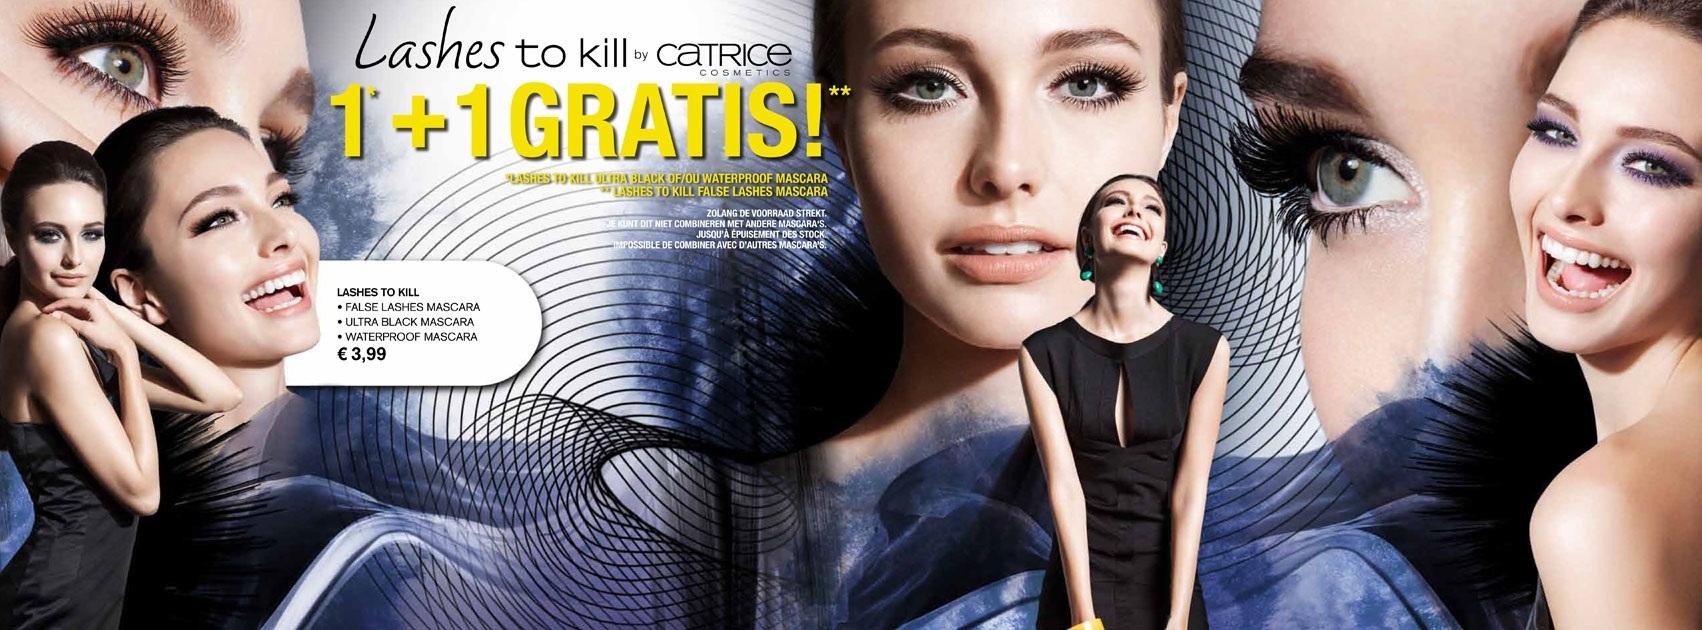 CATRICE mascara actie (2)